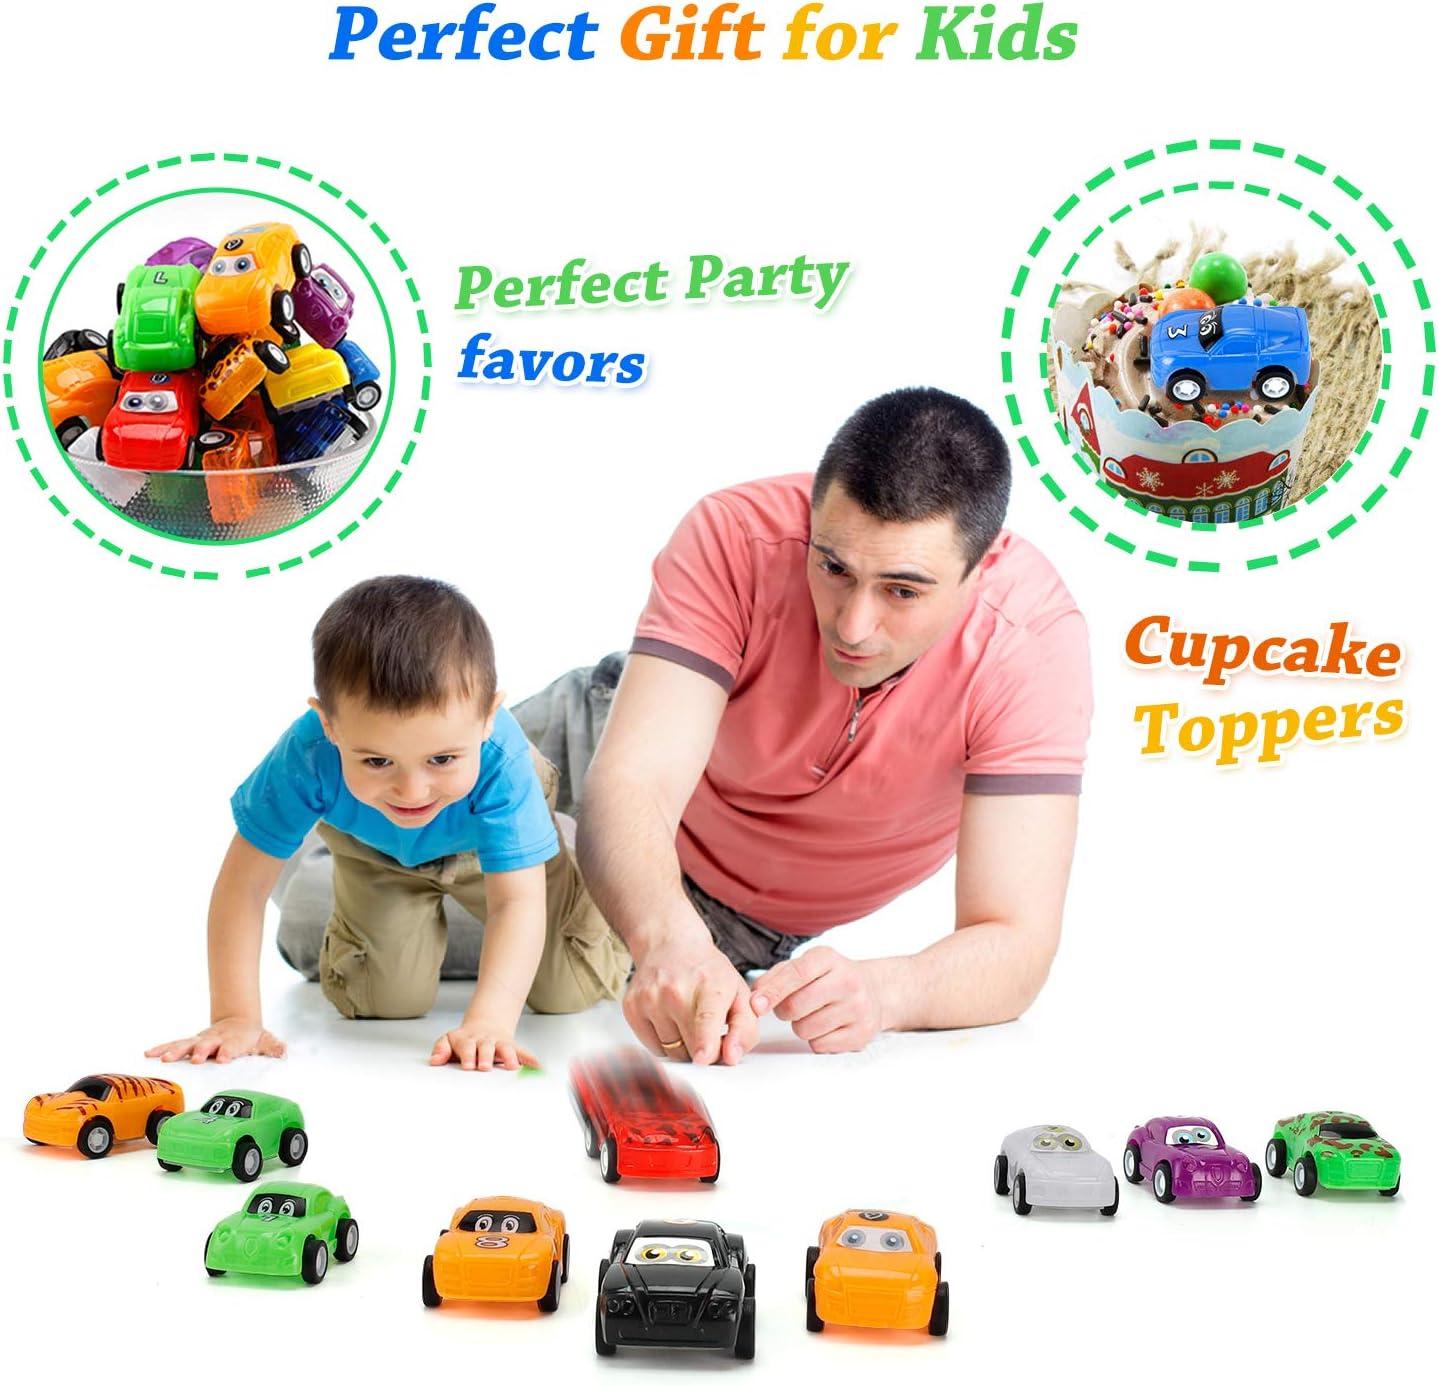 32er Pack Mini Autos Spielzeug Party Favors Auto Spielzeug Set Zur/ückziehen Fahrzeuge Auto Spielzeug f/ür Kinder Jungen und M/ädchen NASHRIO Zur/ückziehen Autos Spielzeug